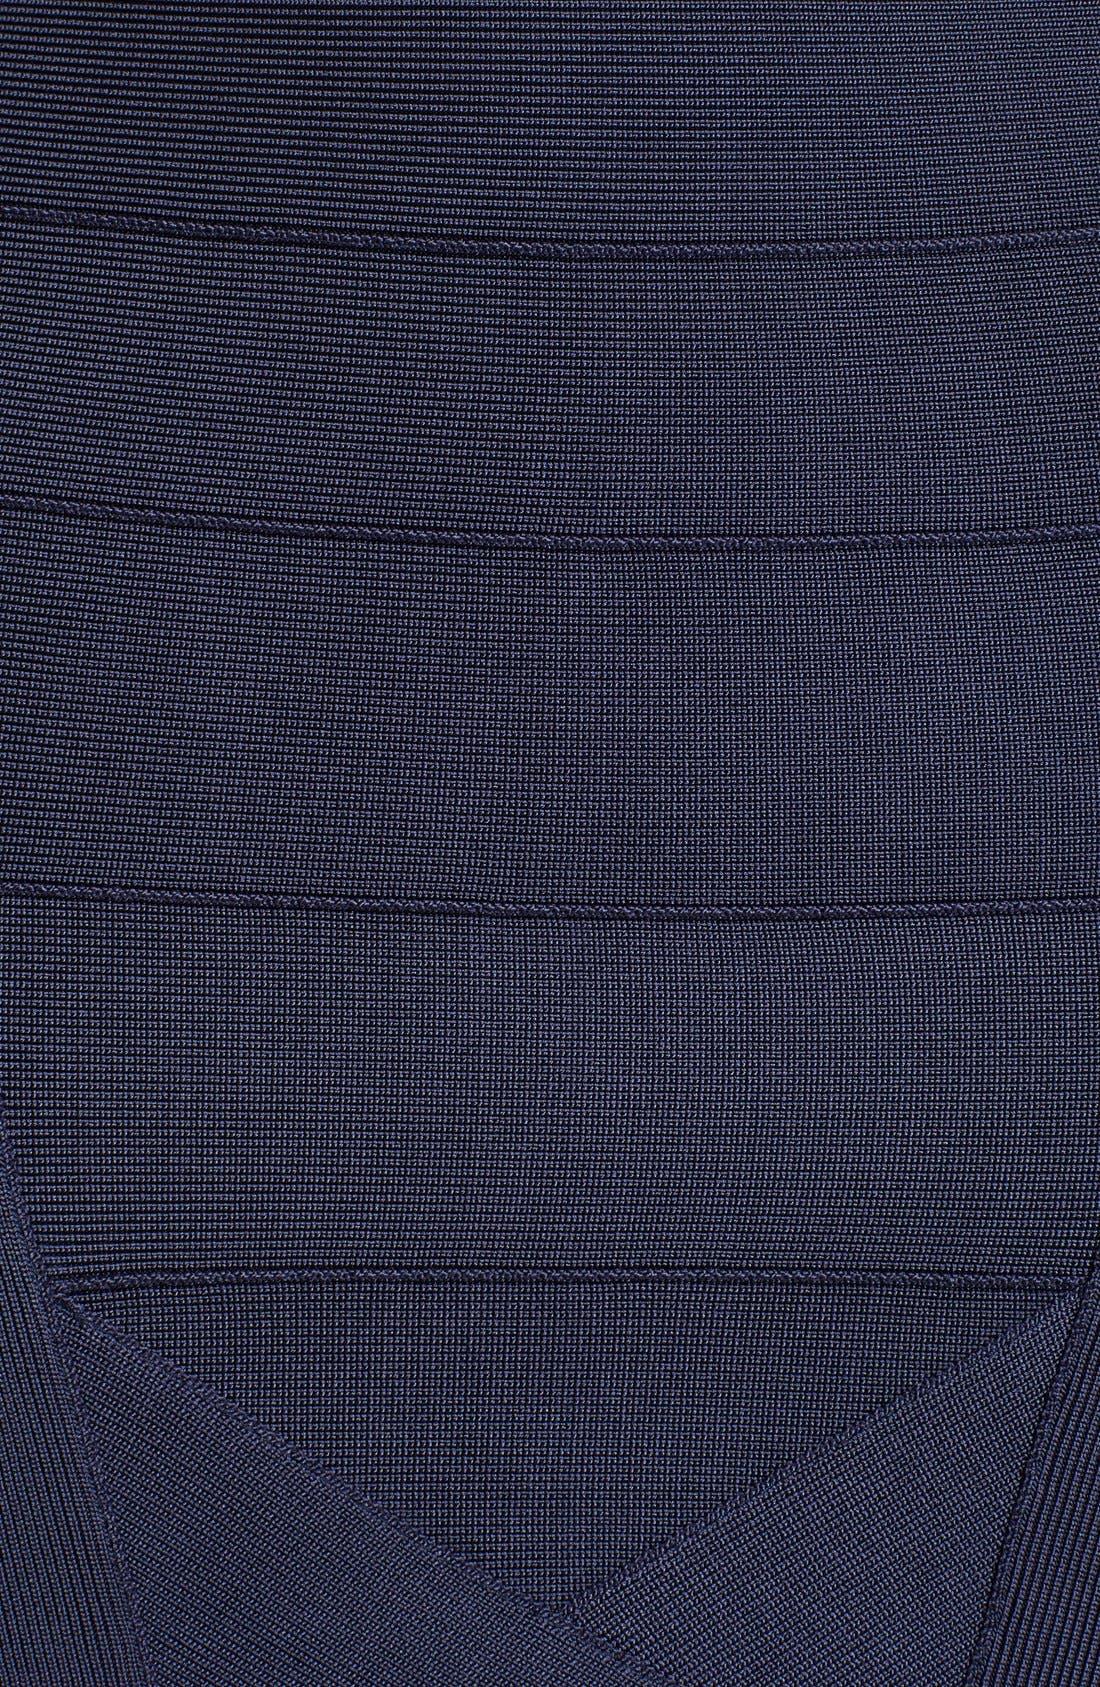 Alternate Image 3  - Herve Leger V-Neck Bandage Dress